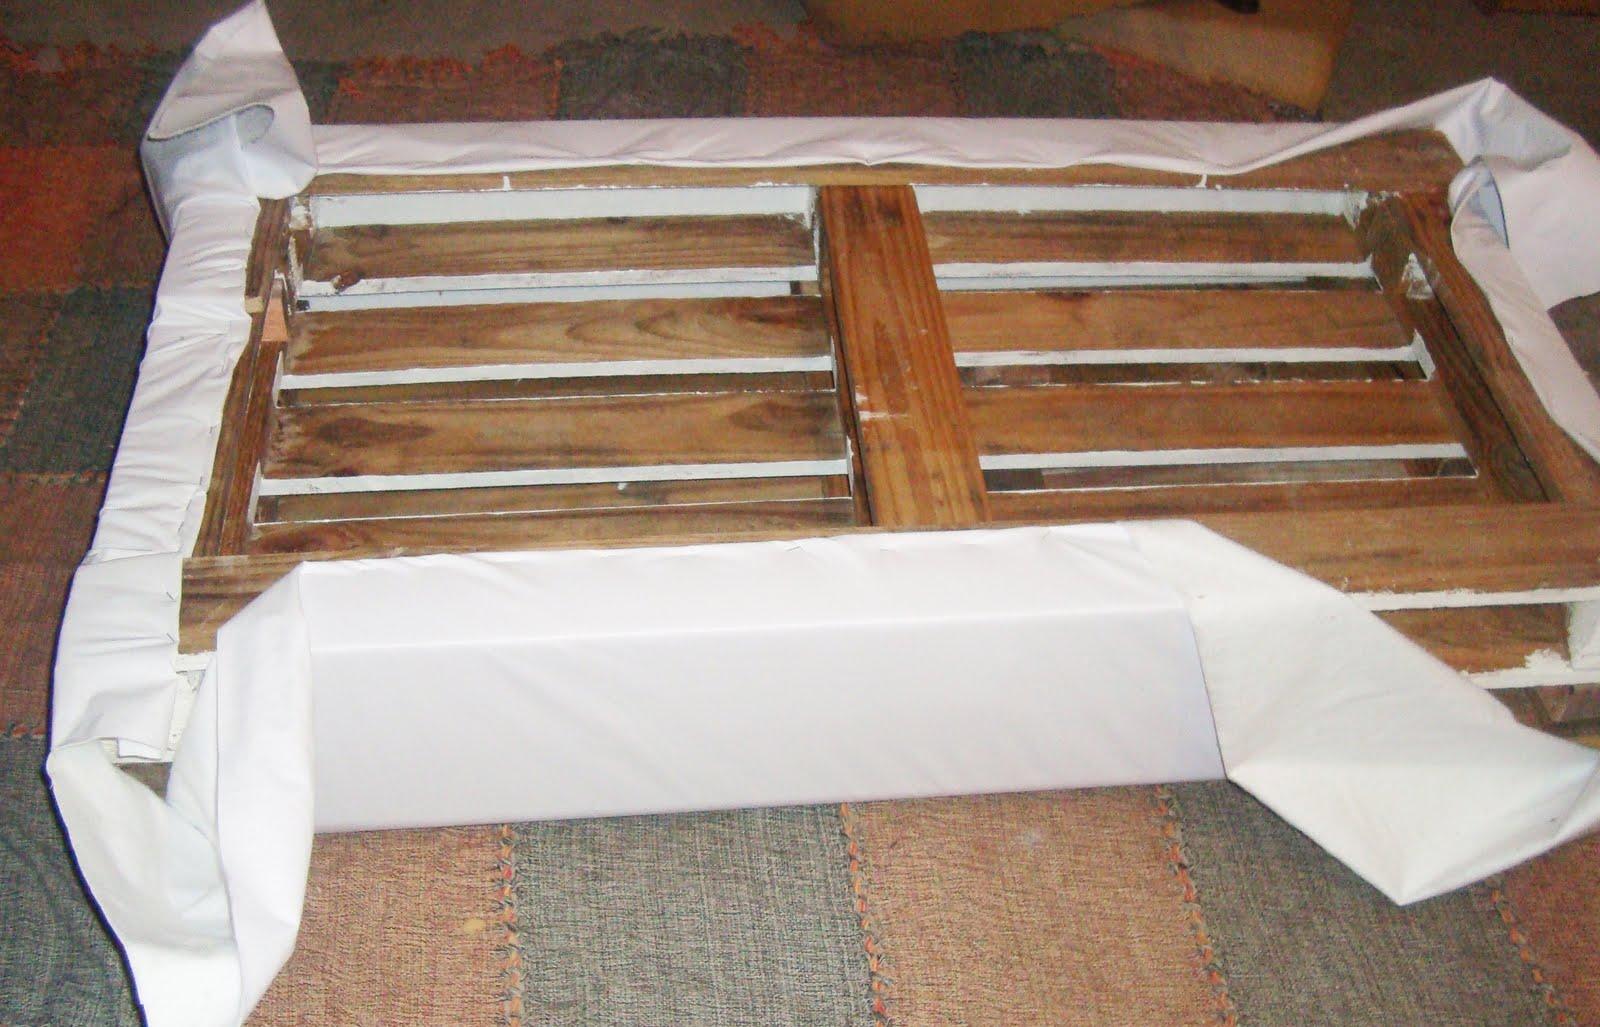 Arte e manhas da Rô: O sofá de pallet #926439 1600x1027